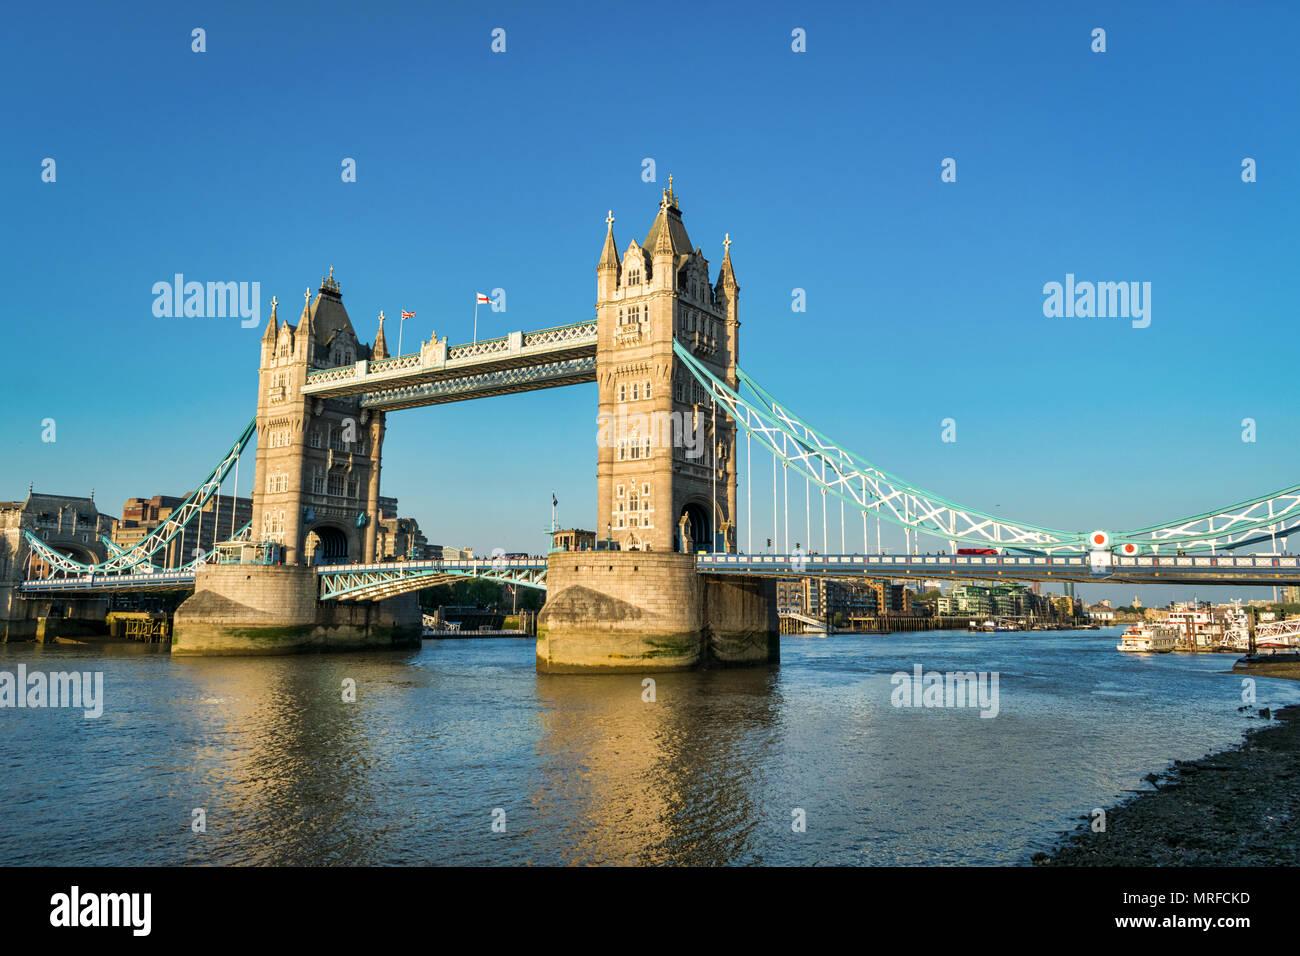 Die berühmte Tower Bridge in London auf der Themse Stockbild